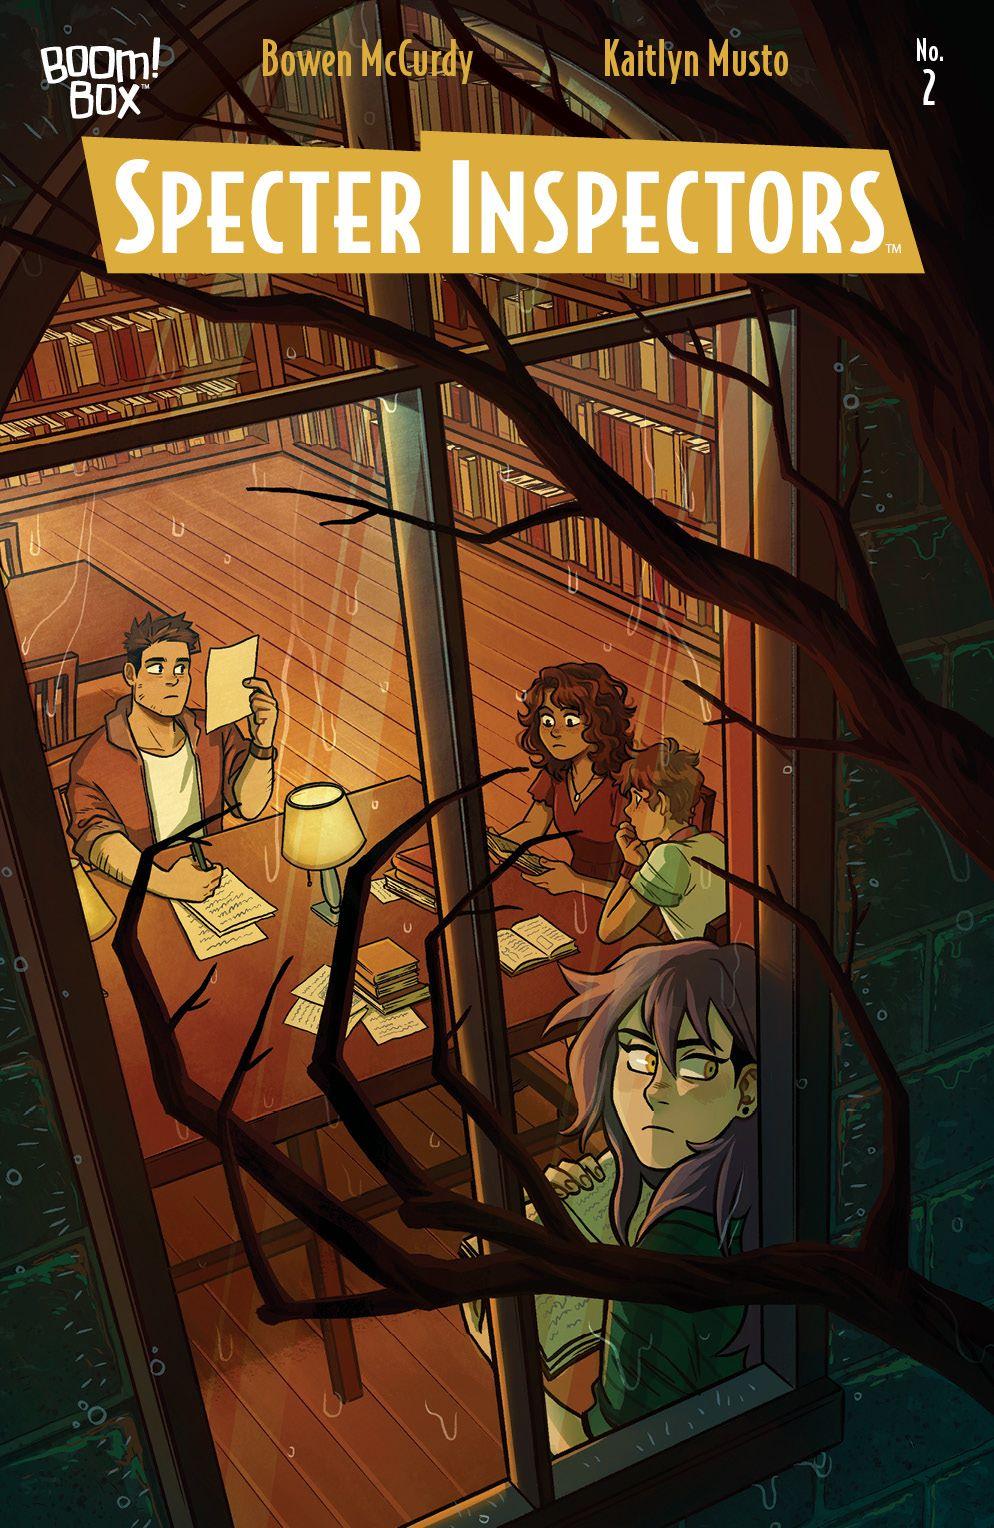 SpecterInspectors_002_Cover_A_Main ComicList Previews: SPECTER INSPECTORS #2 (OF 5)